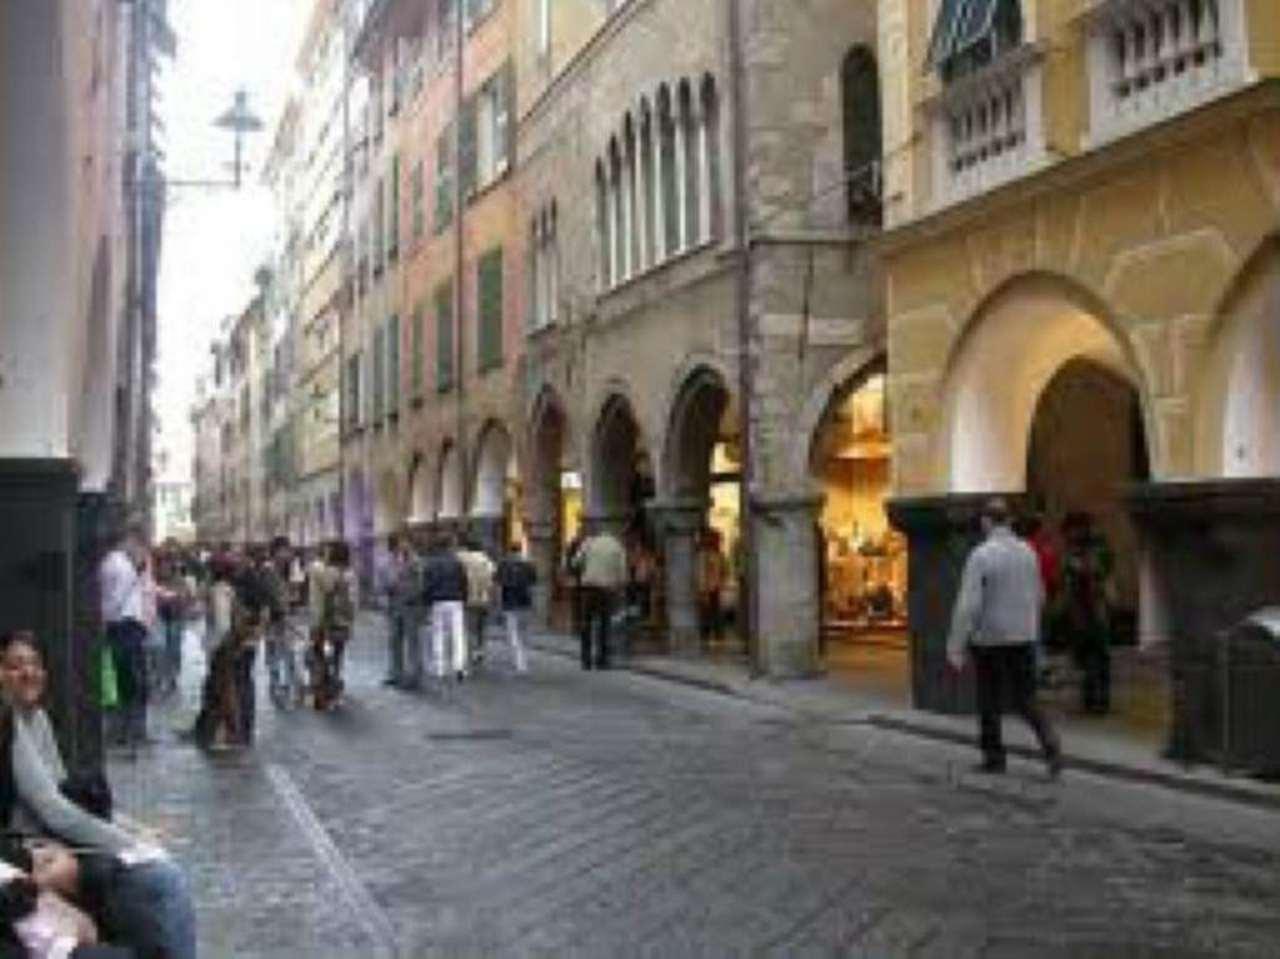 Ristorante / Pizzeria / Trattoria in vendita a Chiavari, 1 locali, prezzo € 140.000 | CambioCasa.it